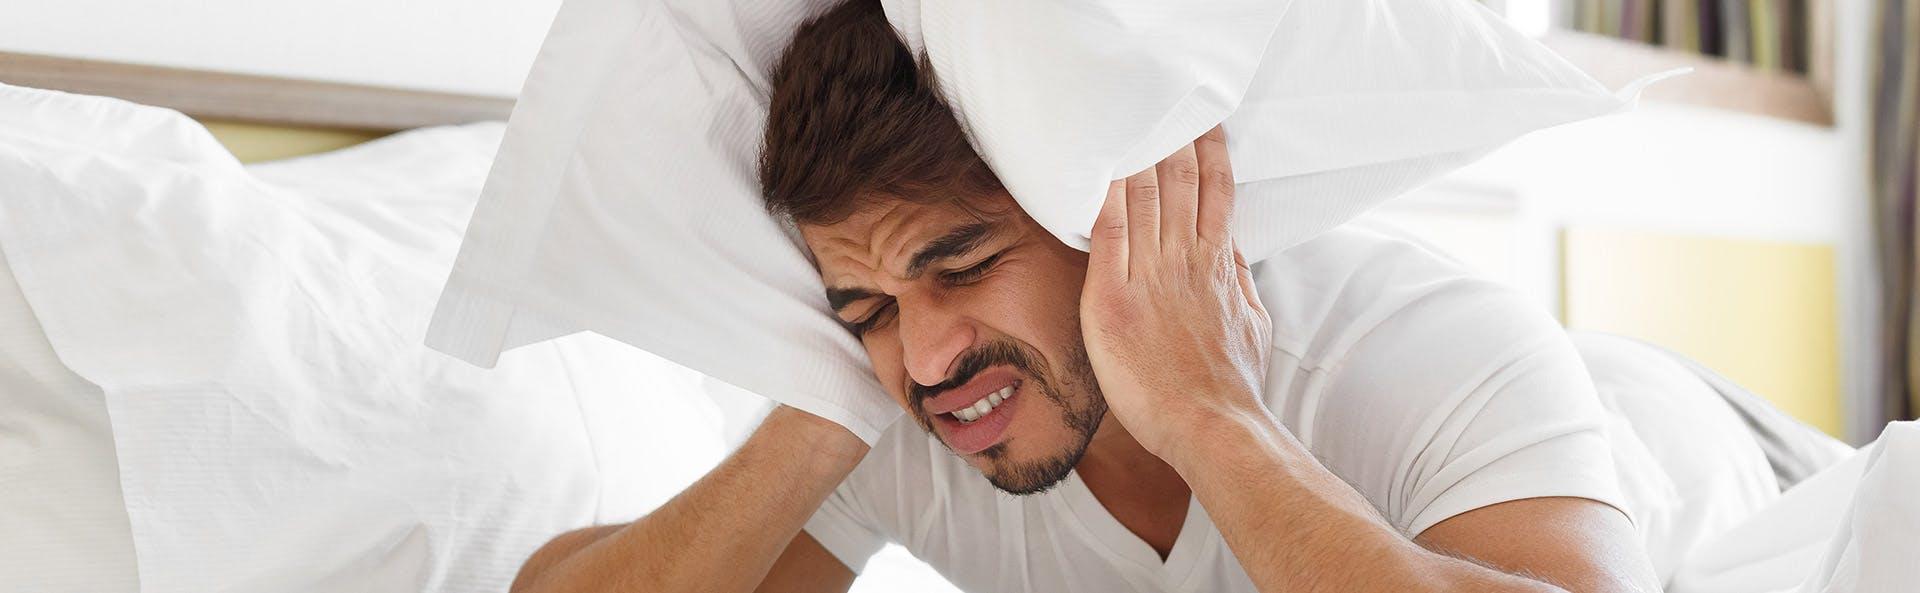 A man suffering from a headache